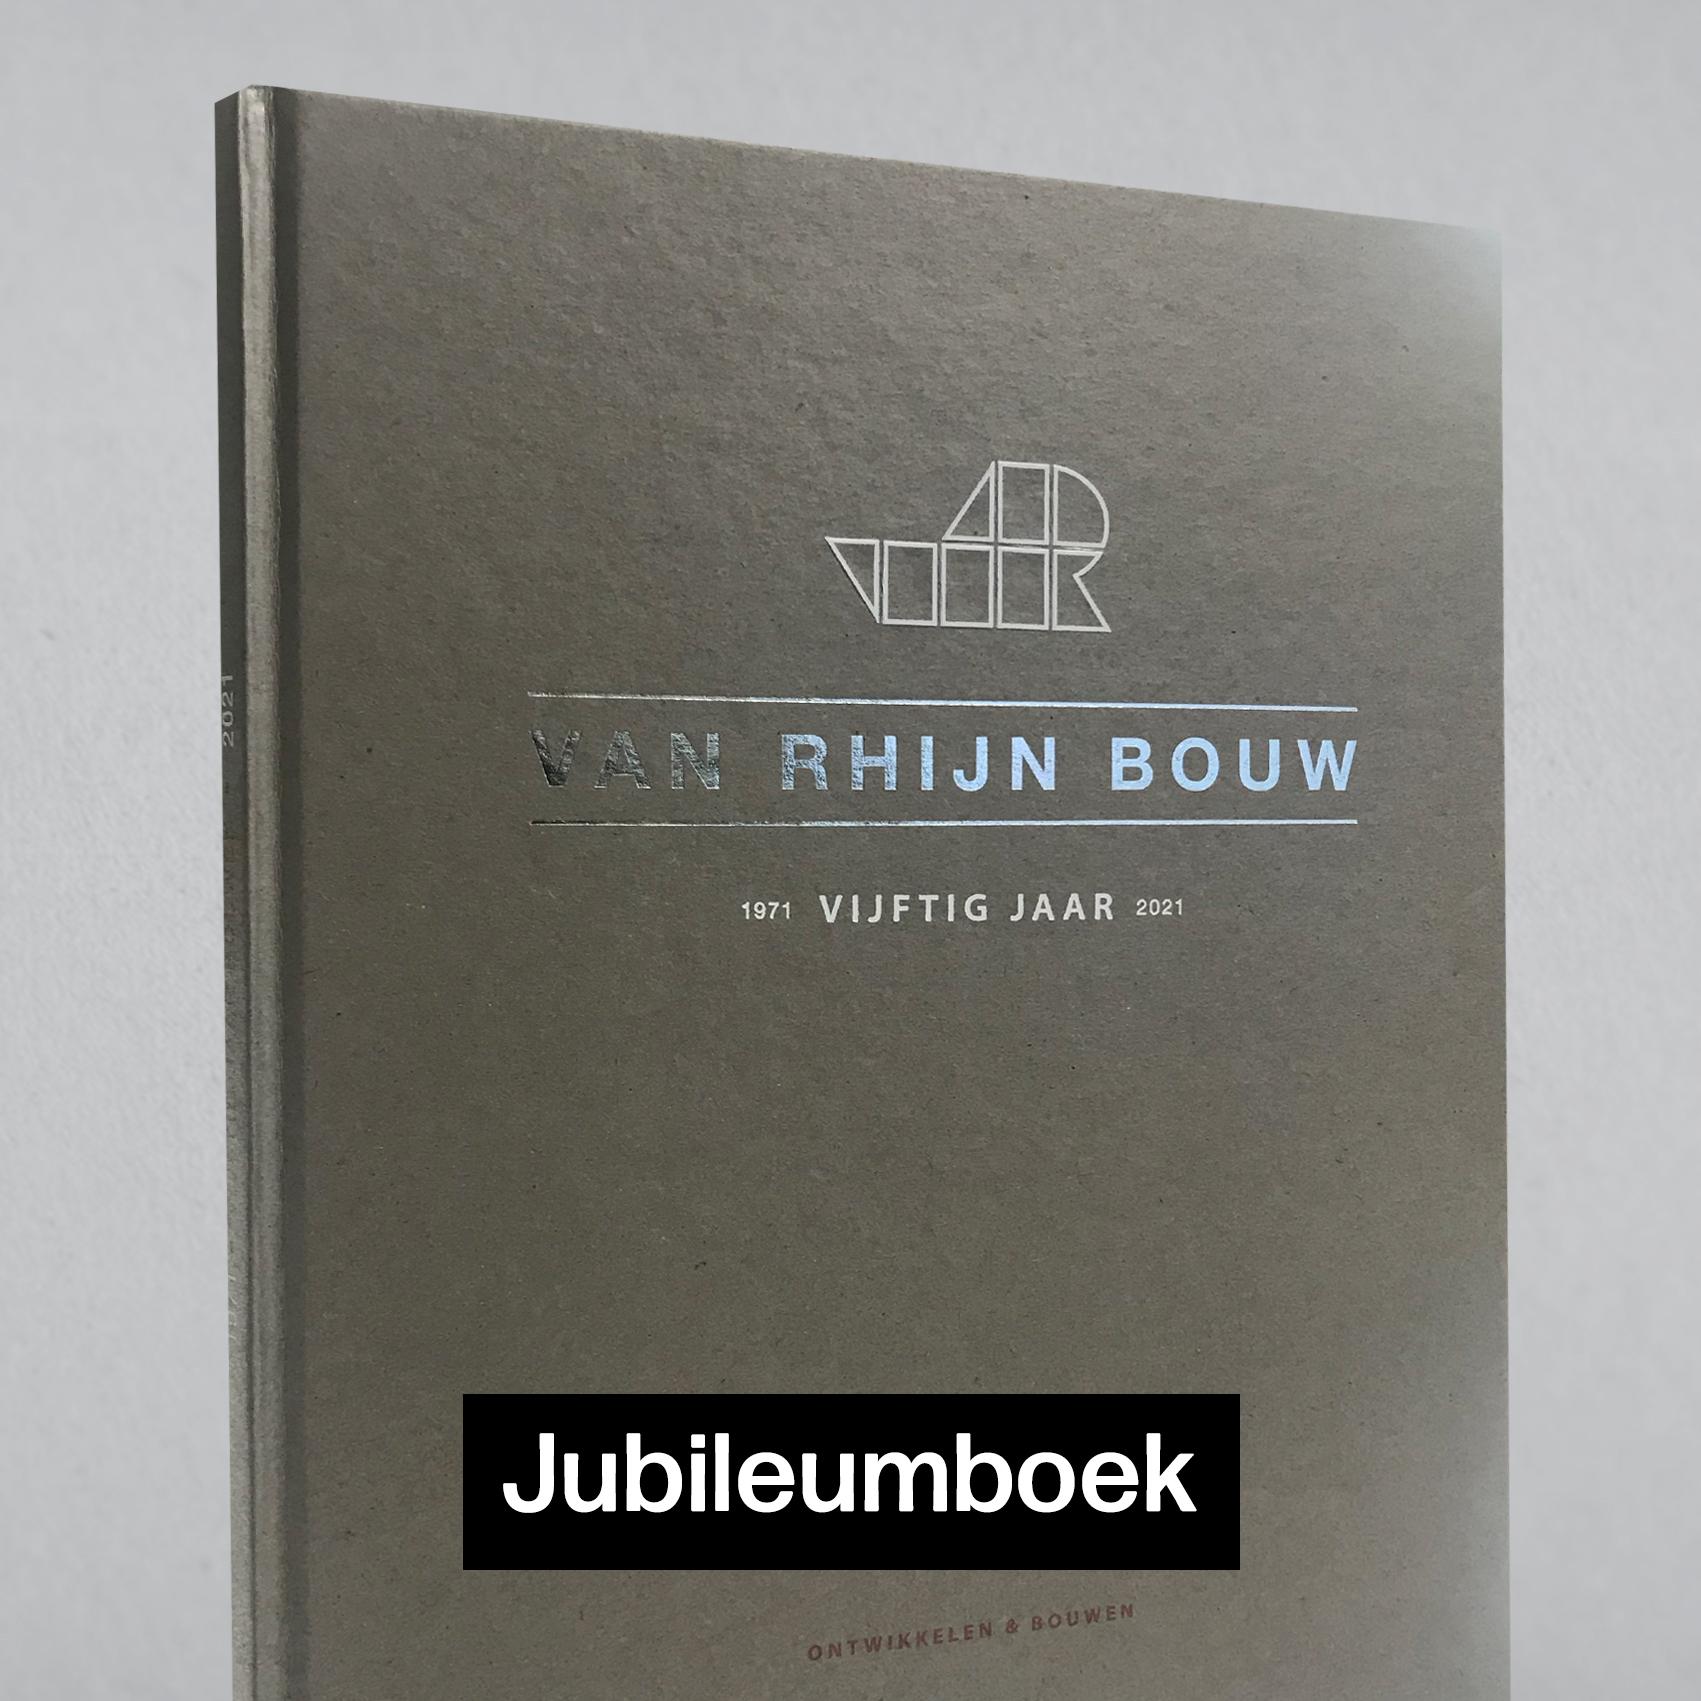 jubileumboek van rhijn bouw katwijk vrb dune pebbler